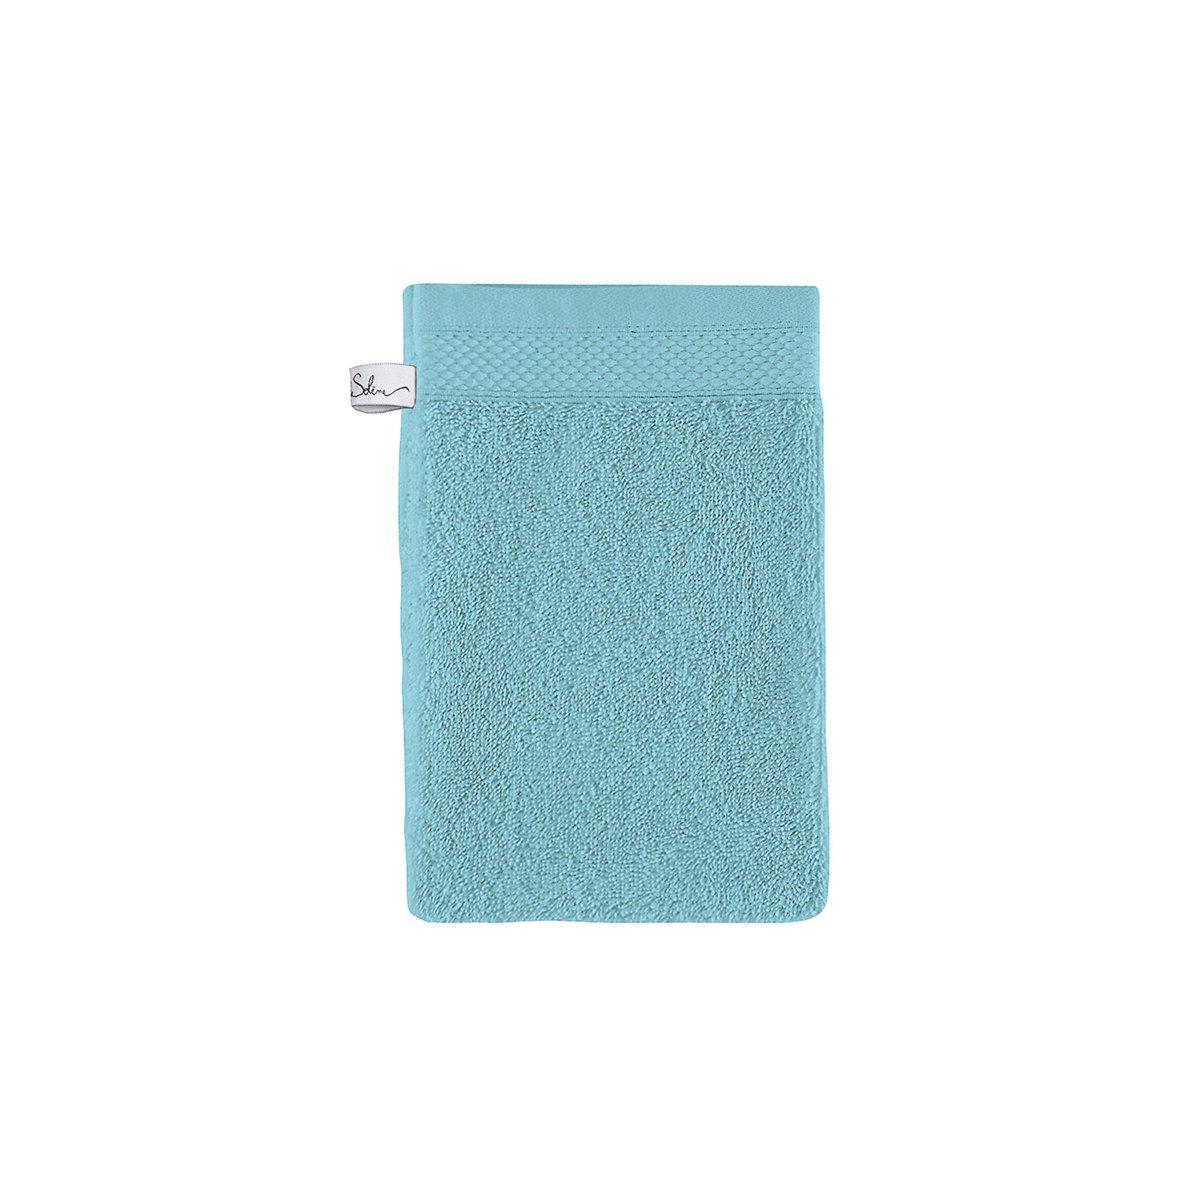 Gant de toilette coton 16x22 cm azur